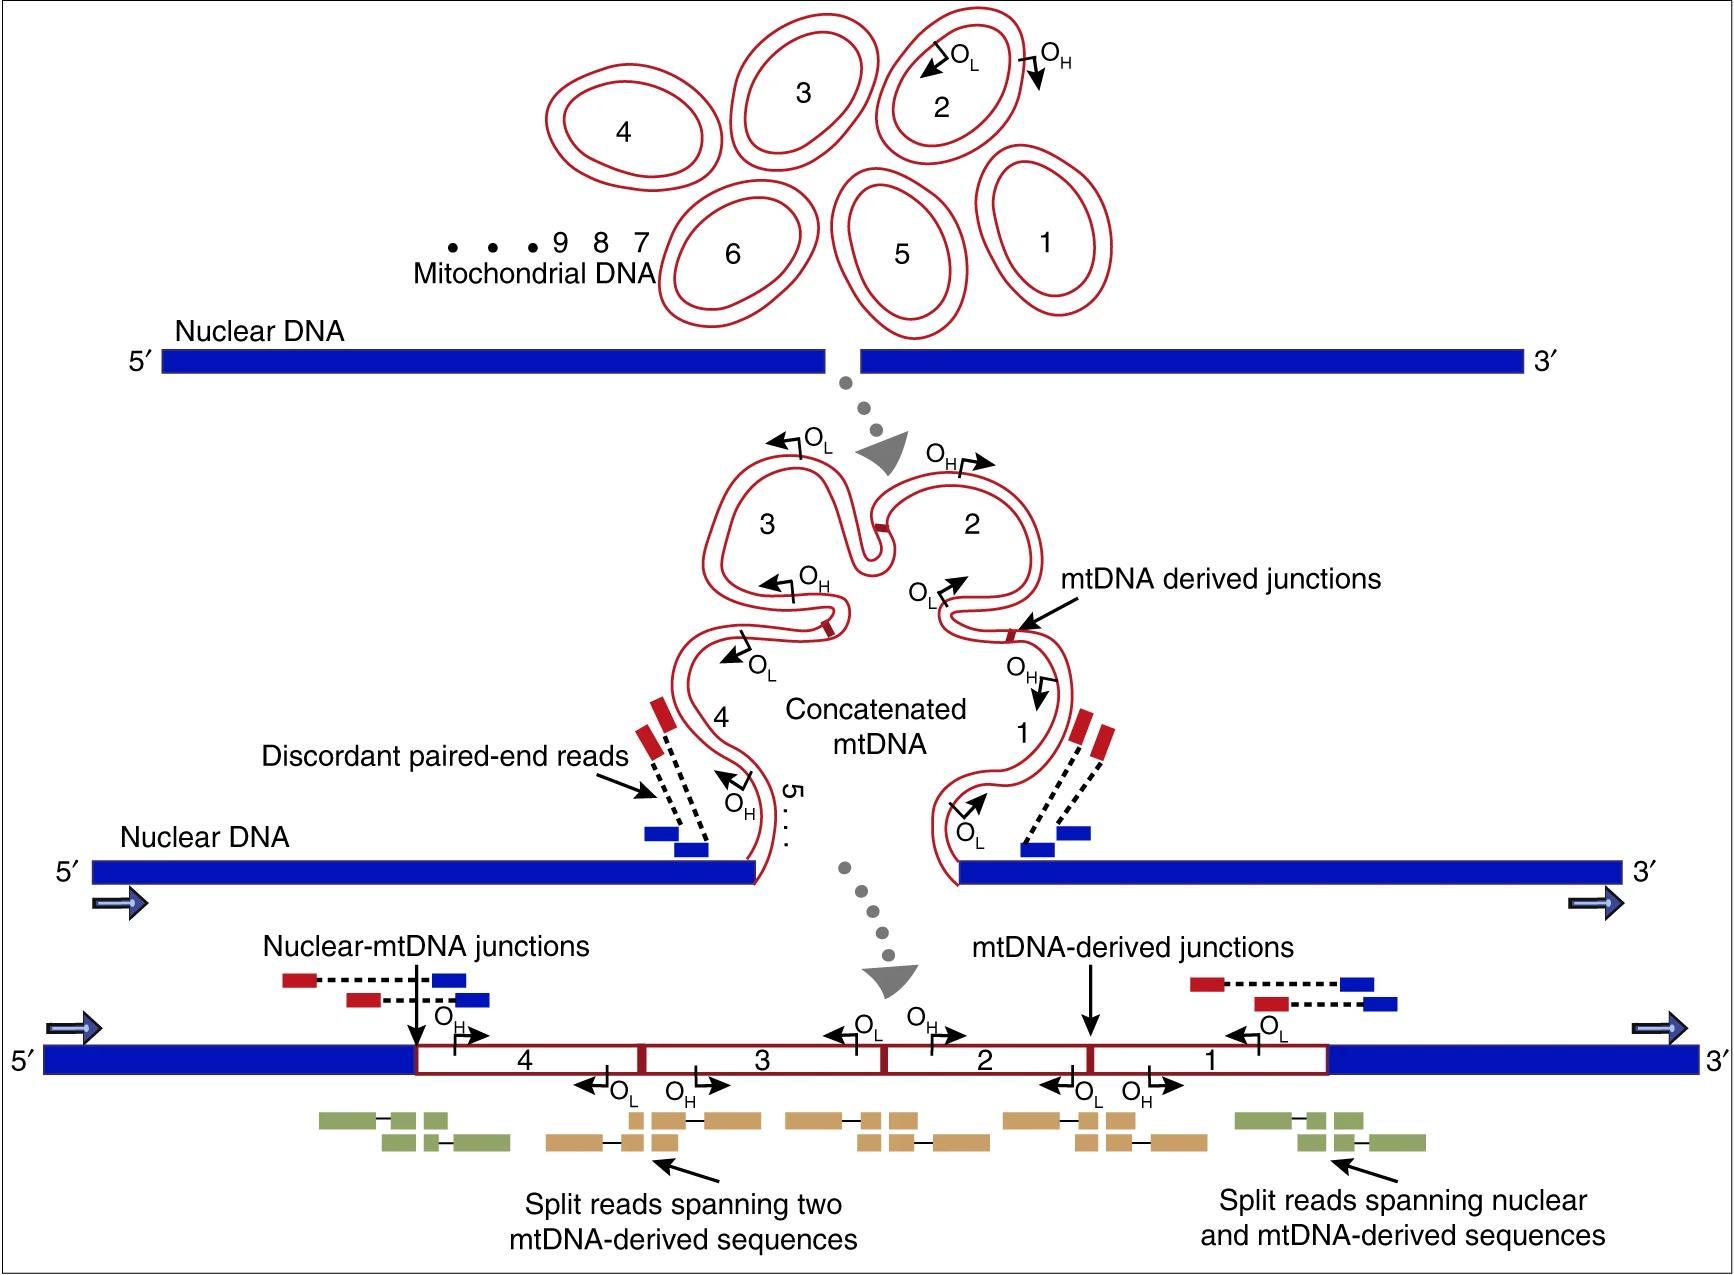 Унаследованные от отца митохондрии оказались гигантской вставкой в ядерный геном